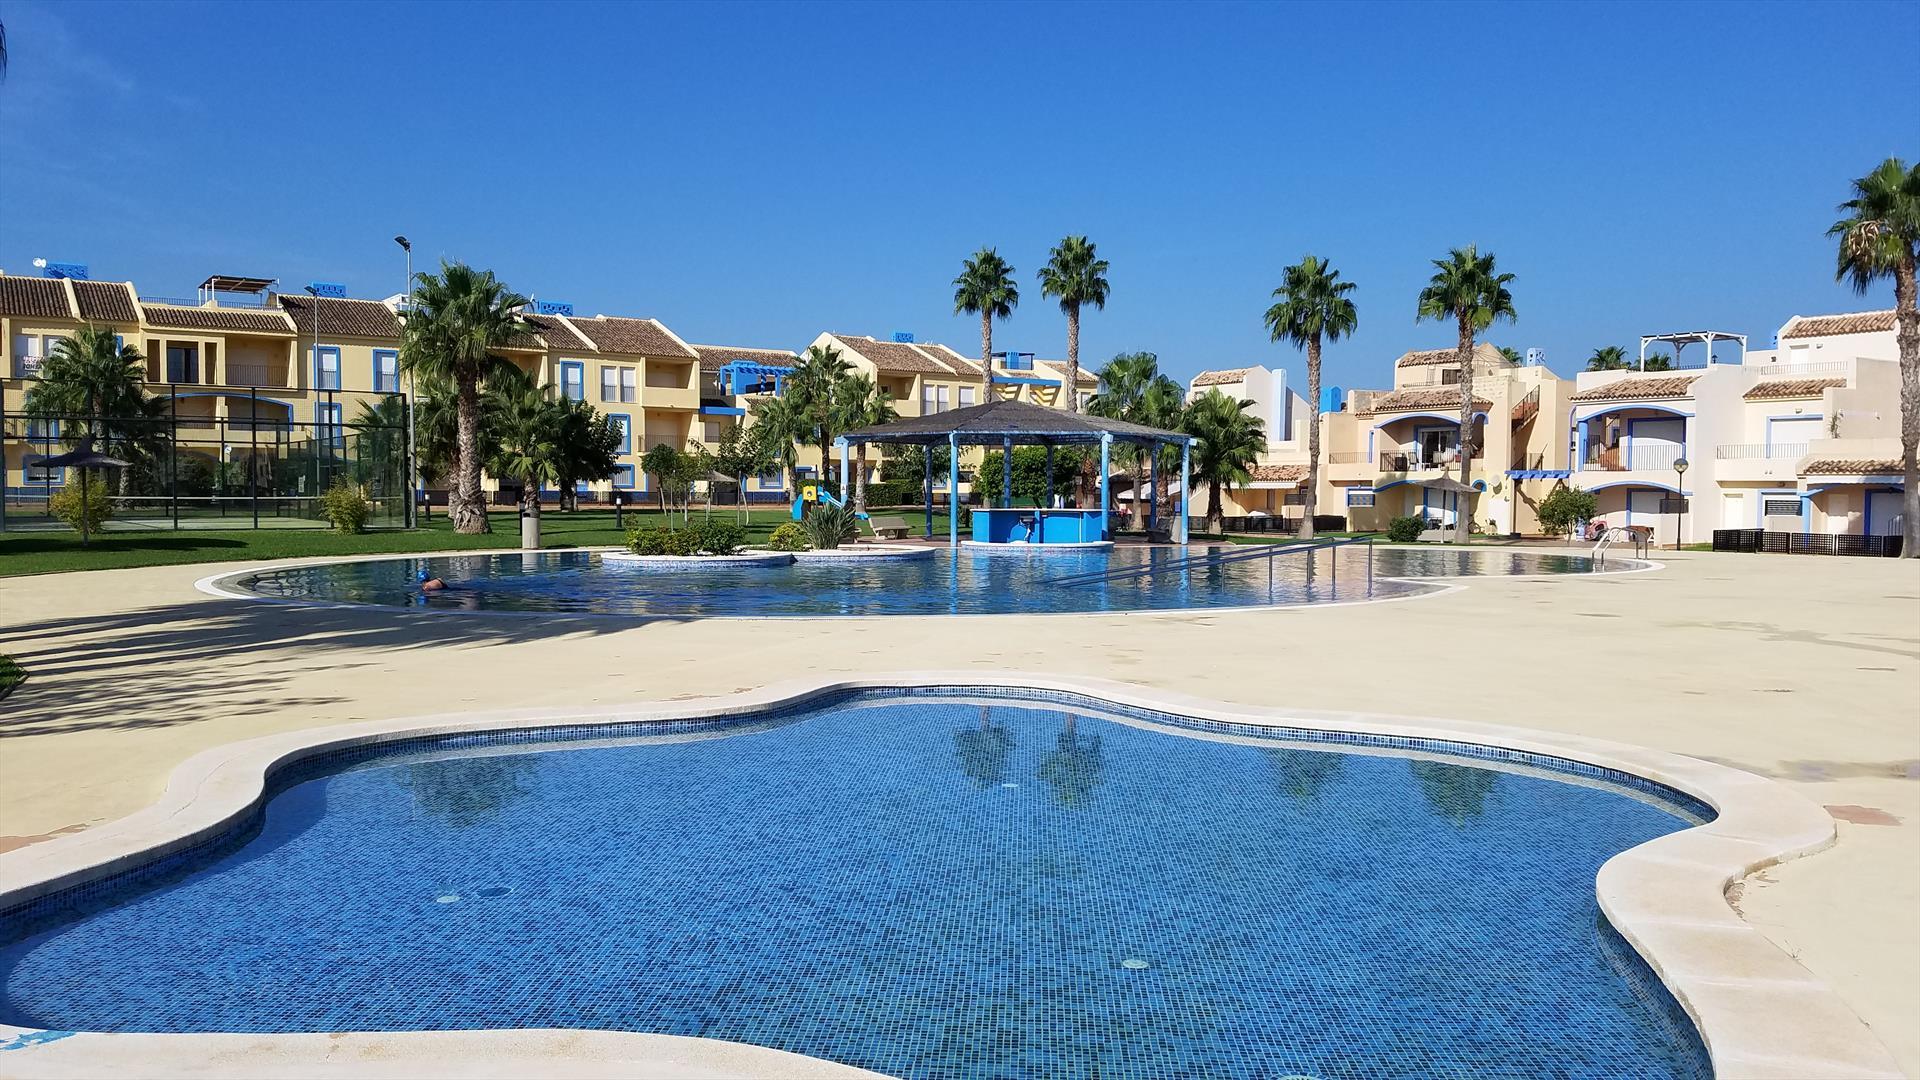 Paradise El Vergel PB2207,Appartement moderne et confortable  avec piscine communale à Denia, sur la Costa Blanca, Espagne pour 7 personnes.....